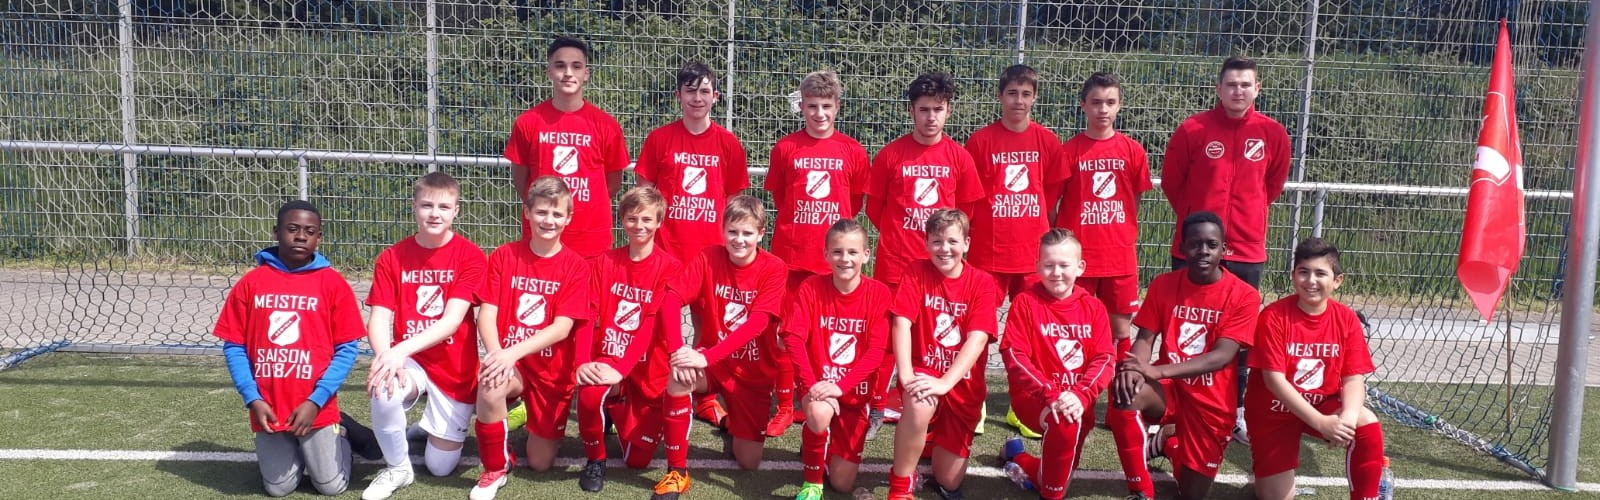 Foto zum Beitrag: Unsere C2 Junioren wird Meister 2018/19